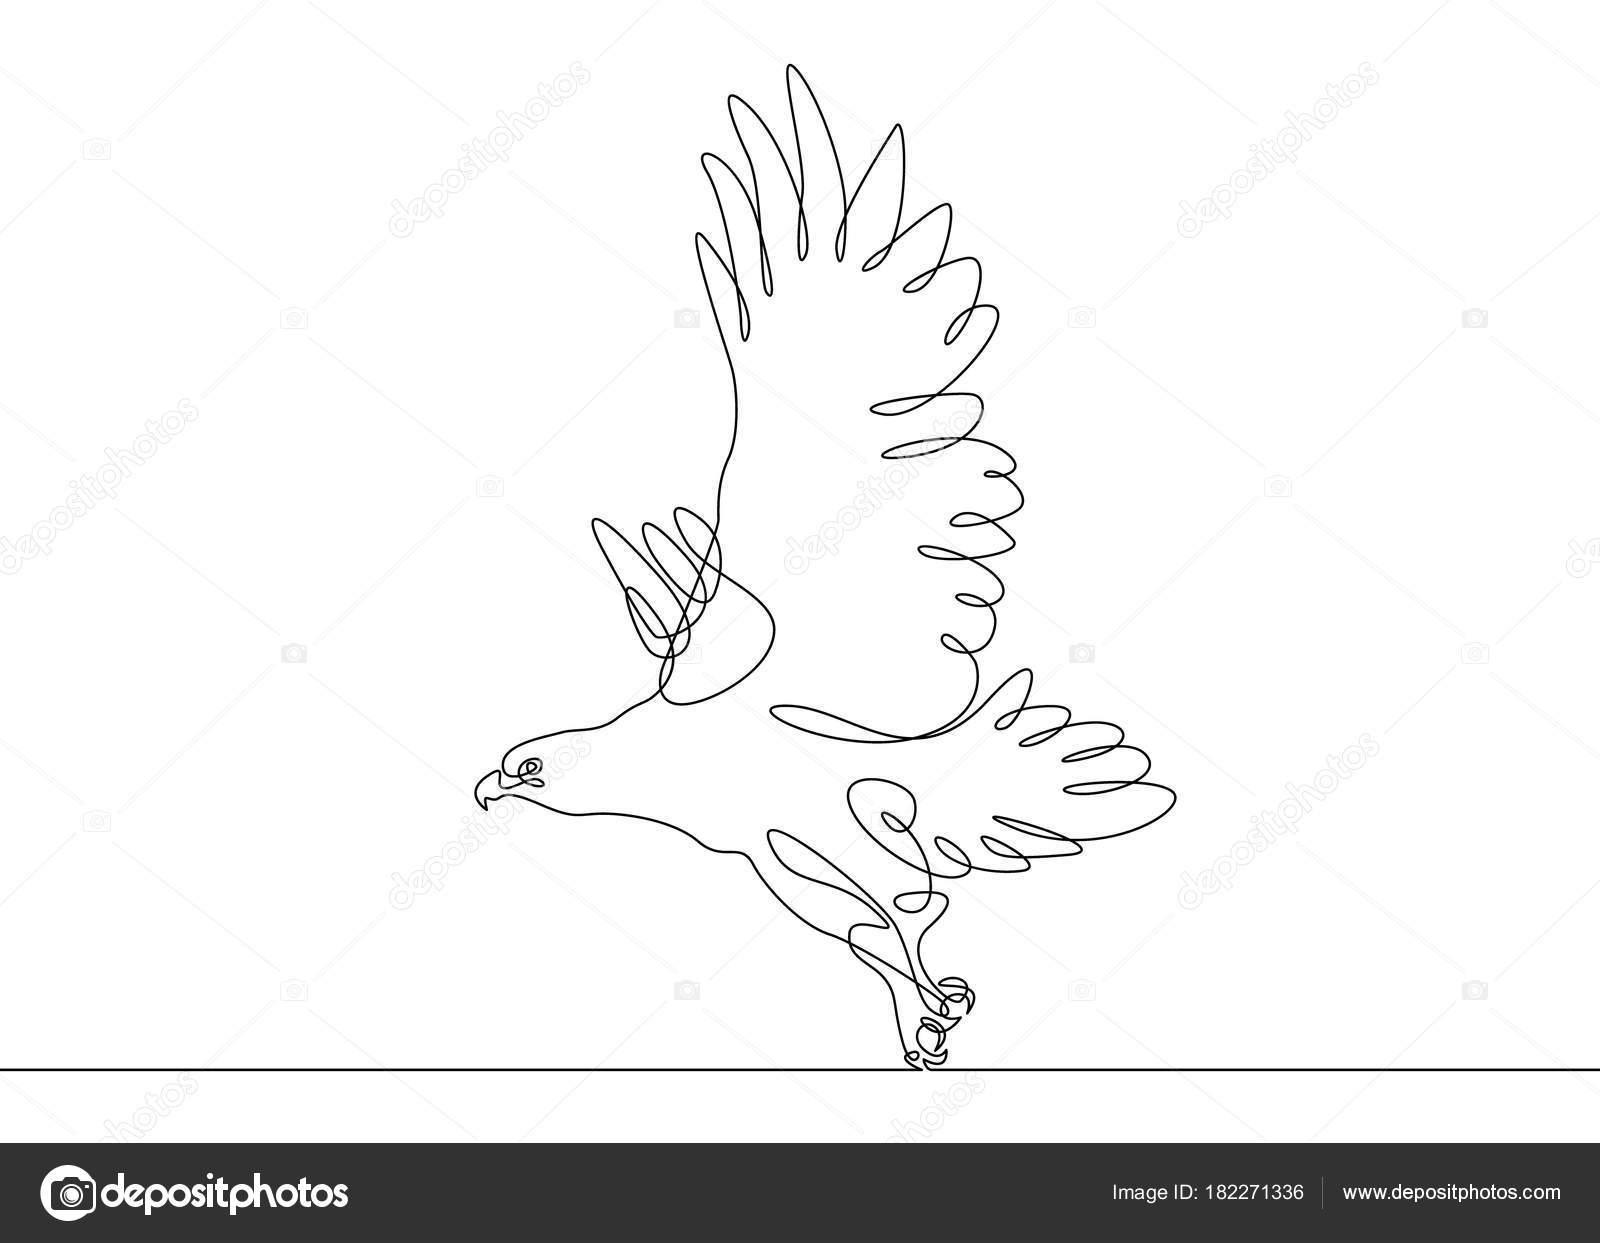 Dessin Au Trait Continu Oiseau Qui Vole Image Vectorielle